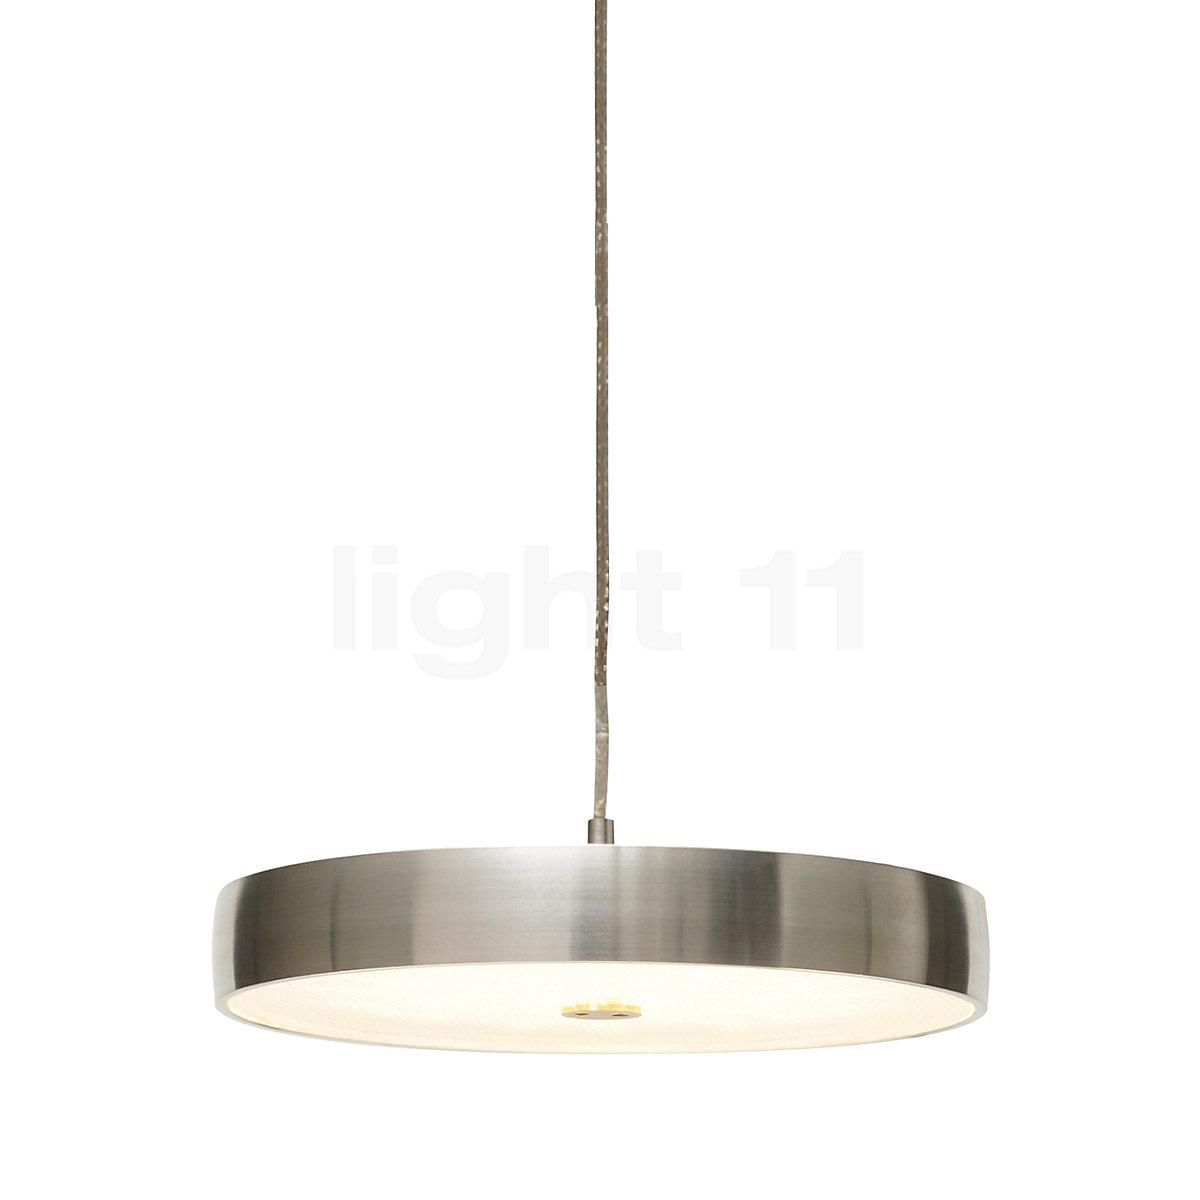 OLIGO LED Pendelleuchte DECENT chrom